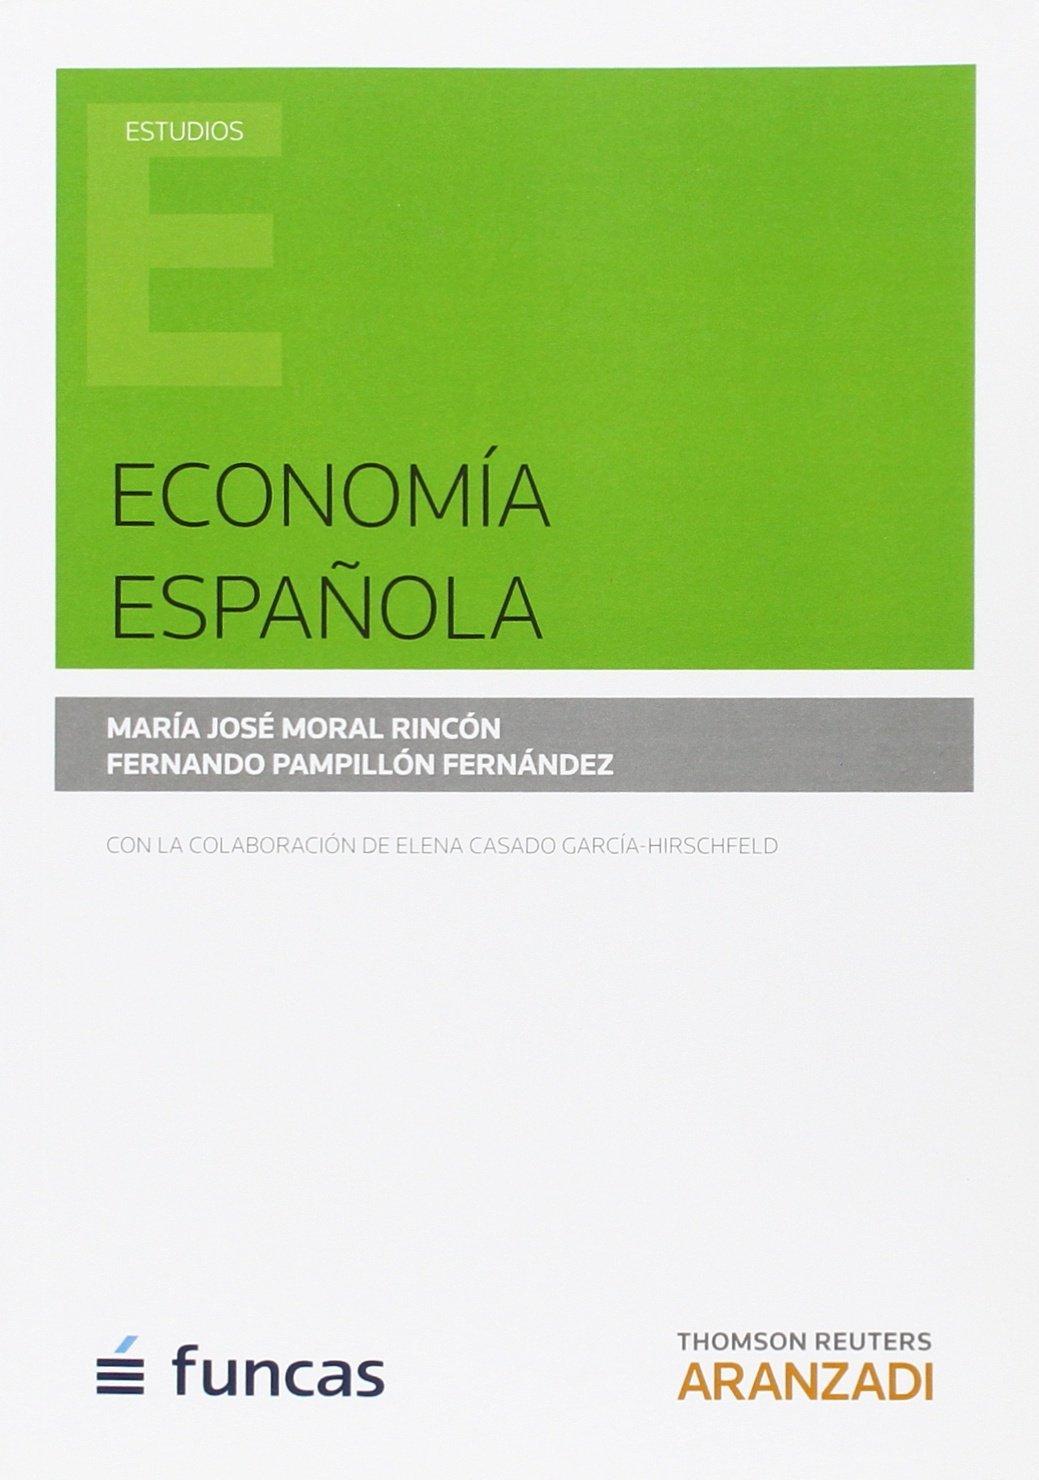 Economía Española (Aranzadi) (Monografía): Amazon.es: Moral Rincón, Maria José, Pamplillón Fernández, Fernando: Libros